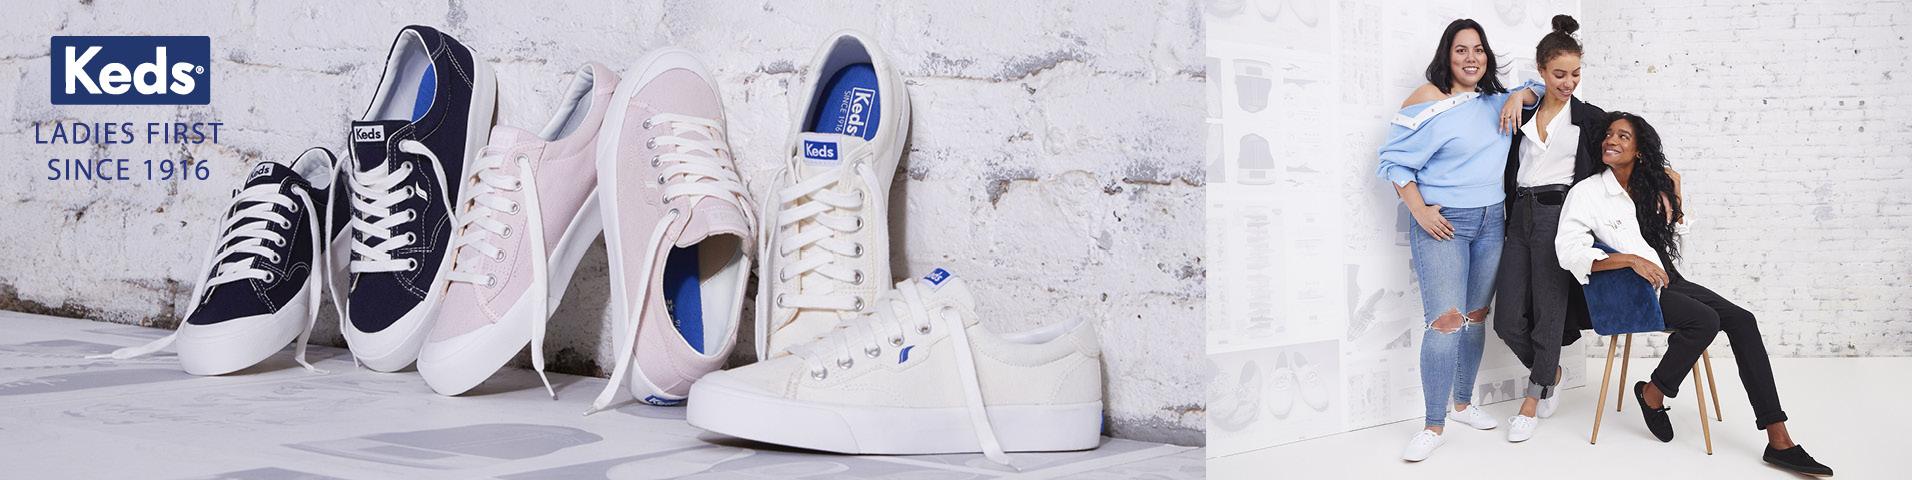 Keds Sneaker für Damen online kaufen | Mach's dir bequem